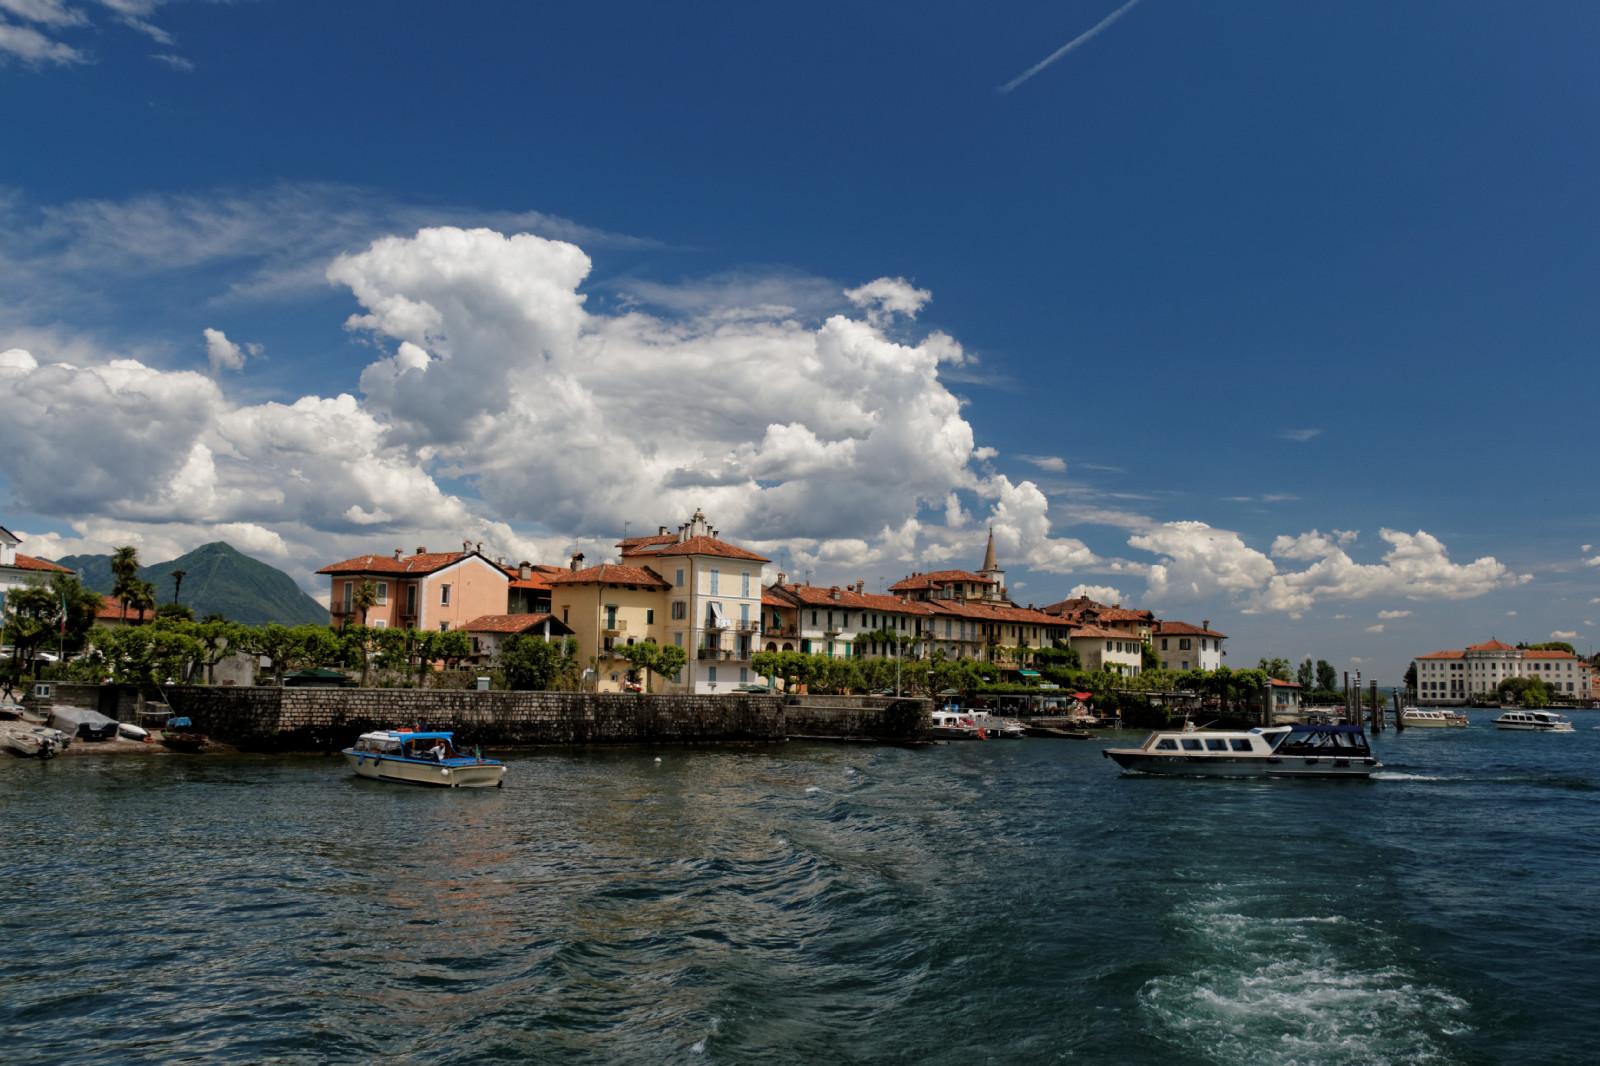 Lago Maggiore Fotografierwolken I